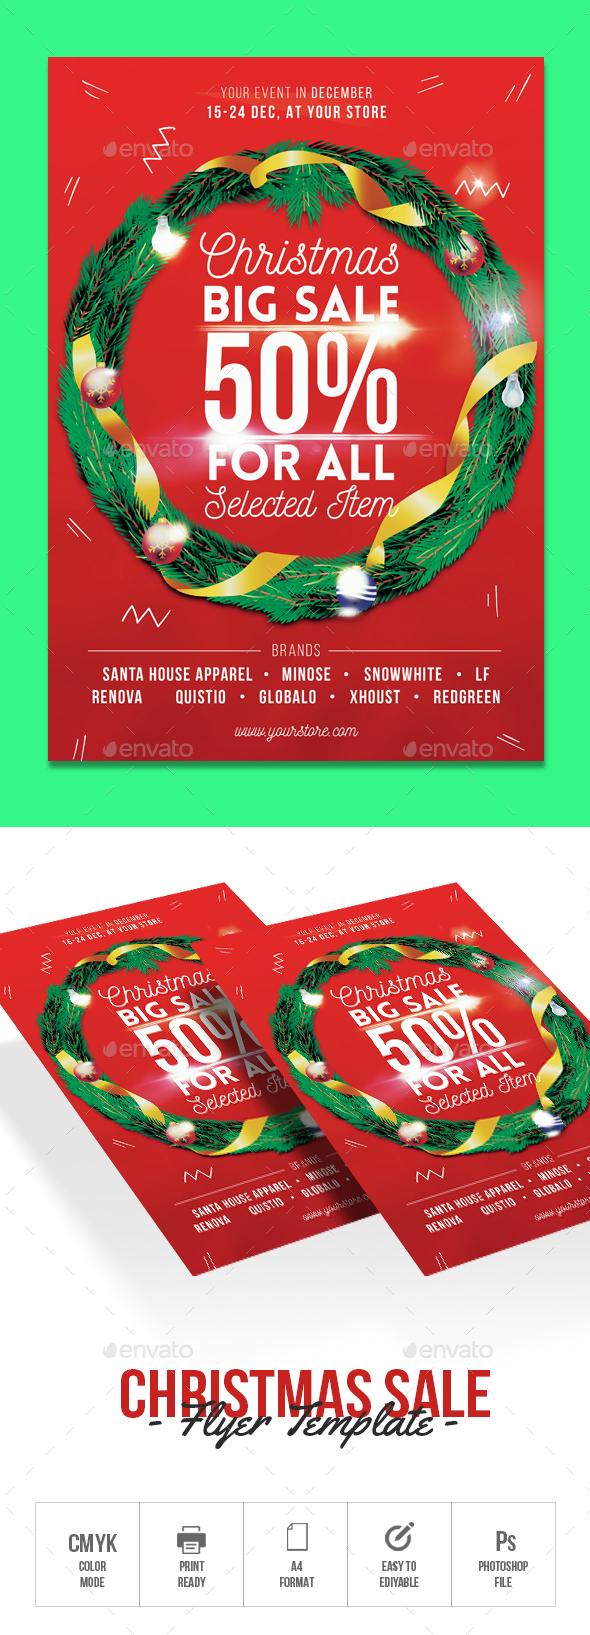 Christmas Sale - Flyers Print Templates